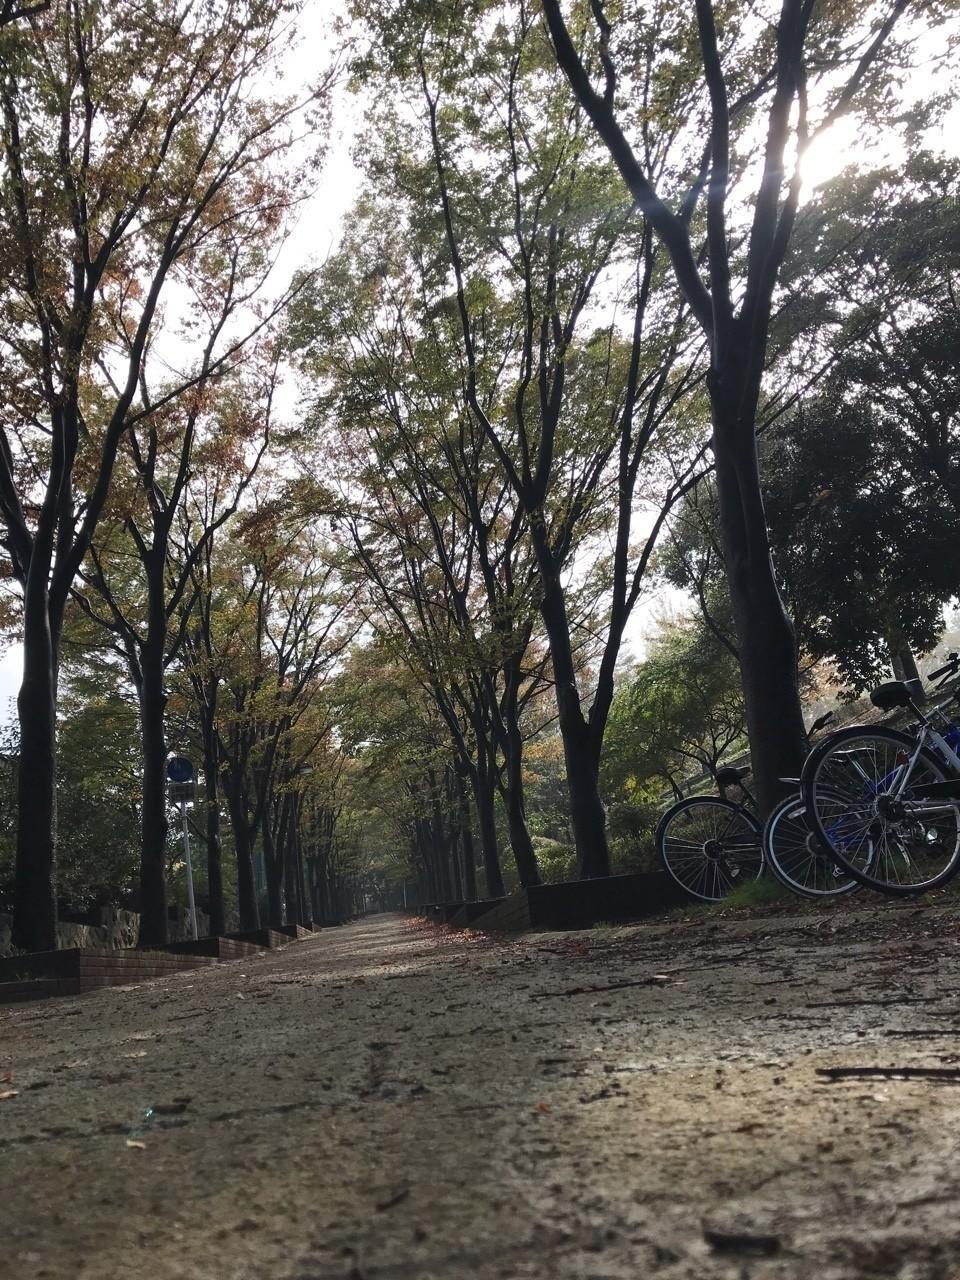 雨上がりの木漏れ日。